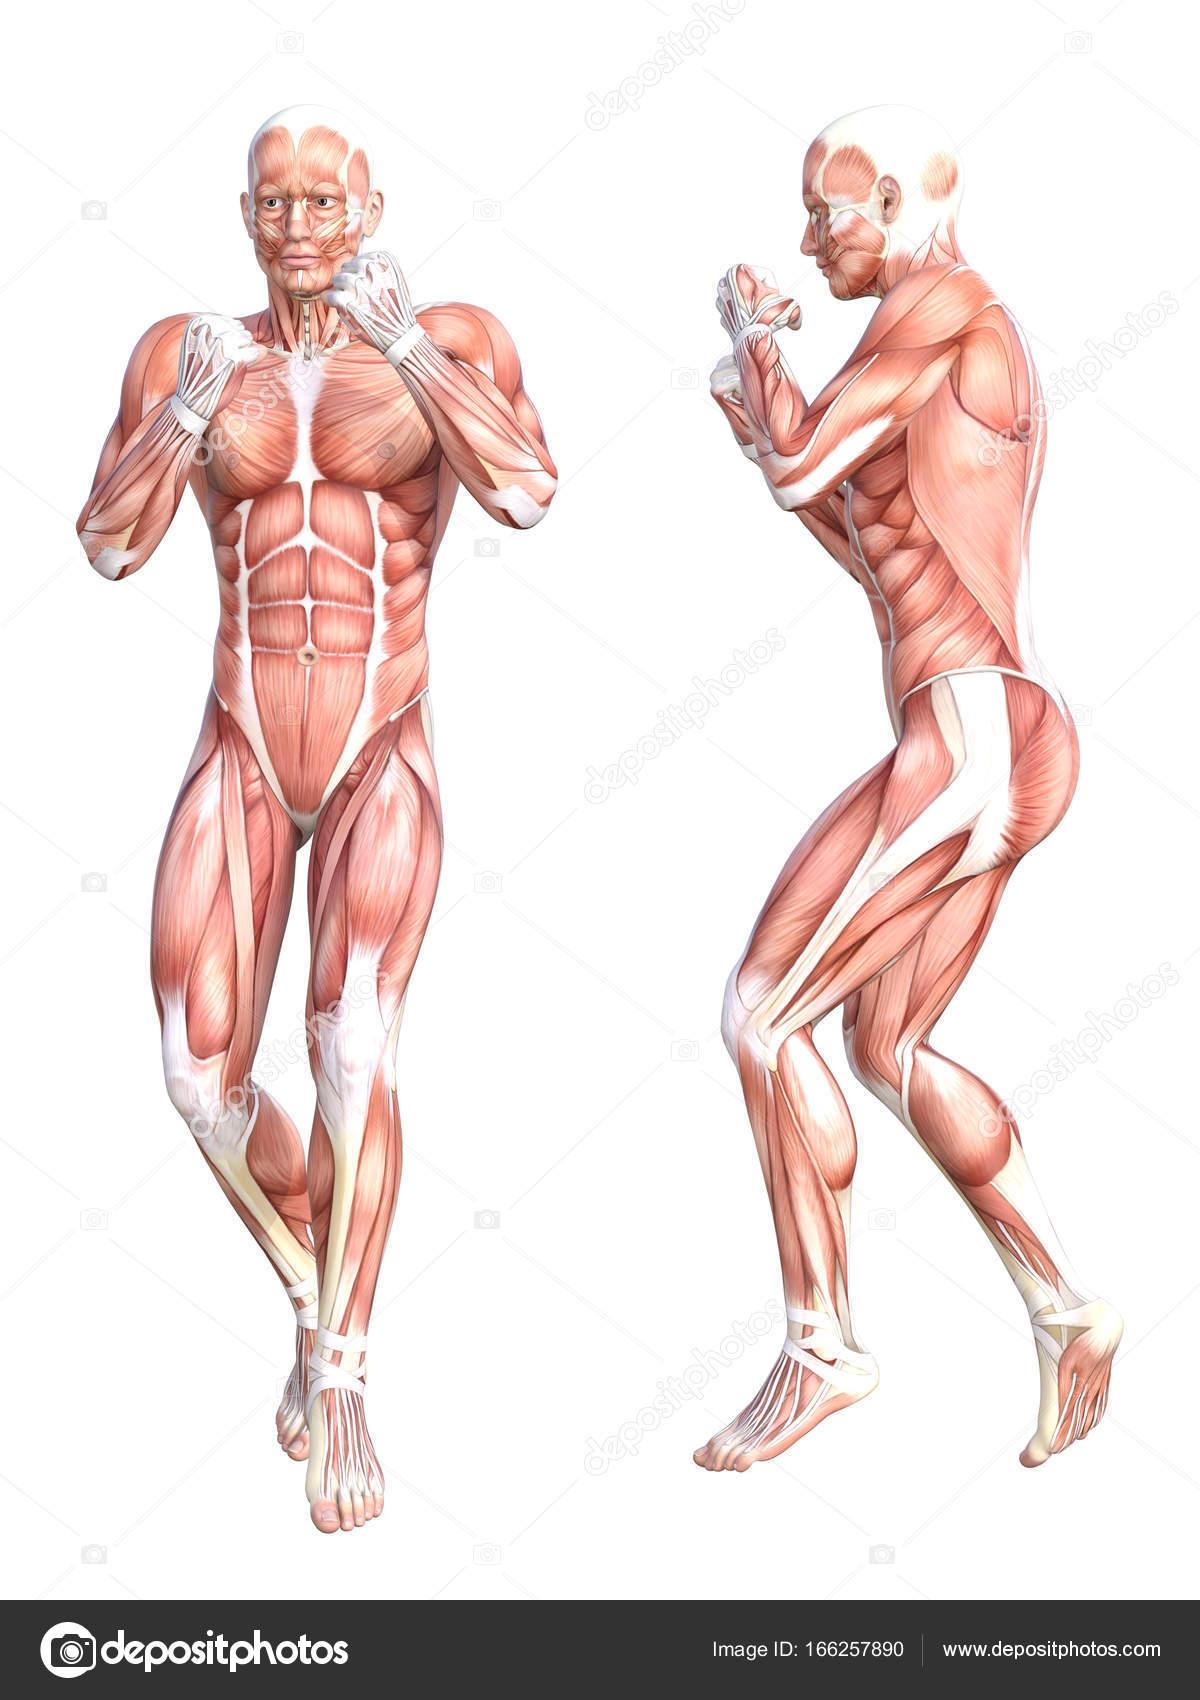 grundlegende menschliche Anatomie — Stockfoto © design36 #166257890